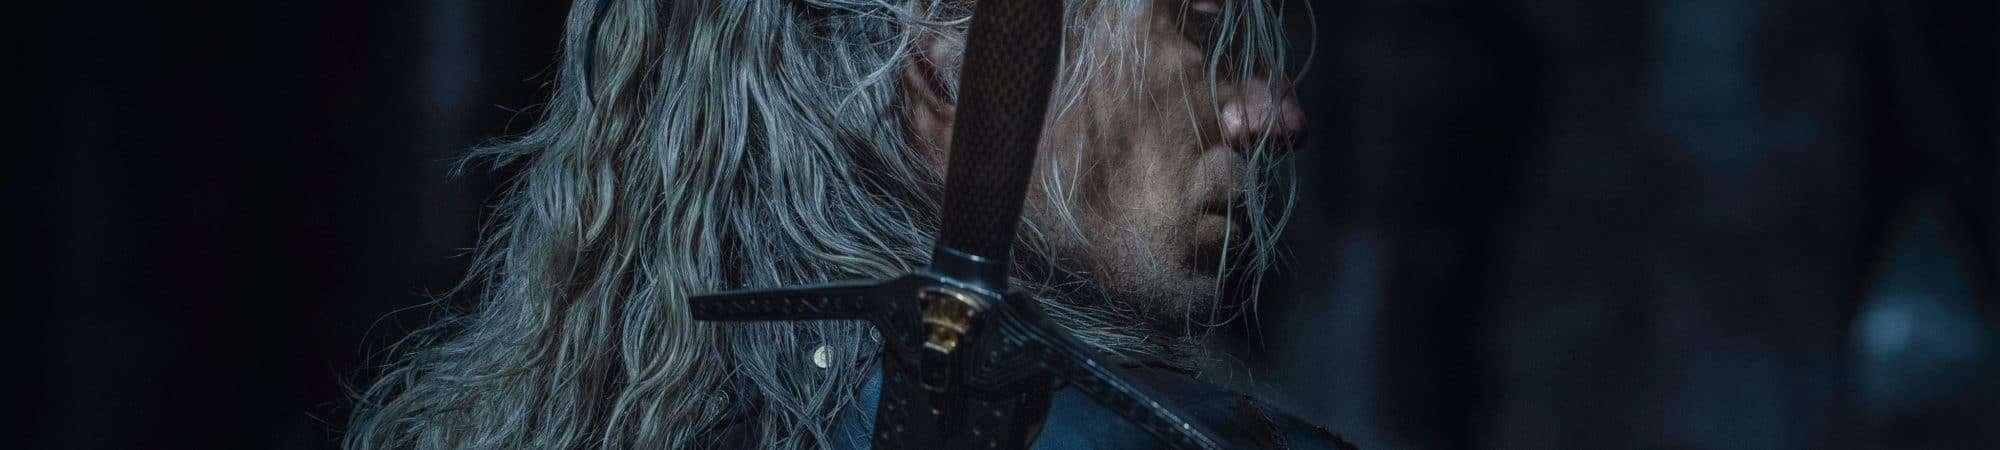 Witchercon: Imagem promocional da segunda temporada de The Witcher; Henry Cavill interpreta Geralt. Imagem: Netflix/Divulgação